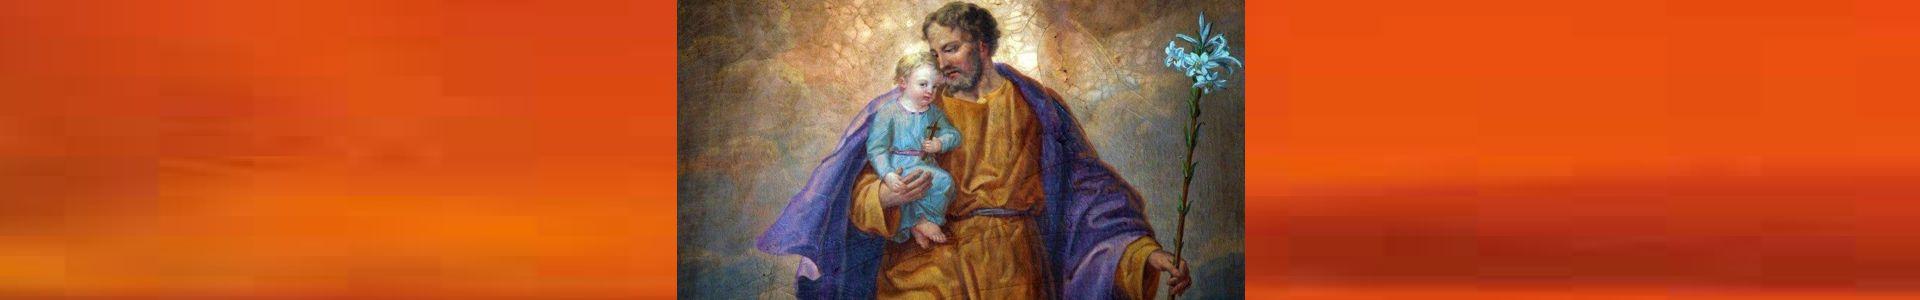 Hl. Josef von Nazareth - Schutzpatron der Kirche